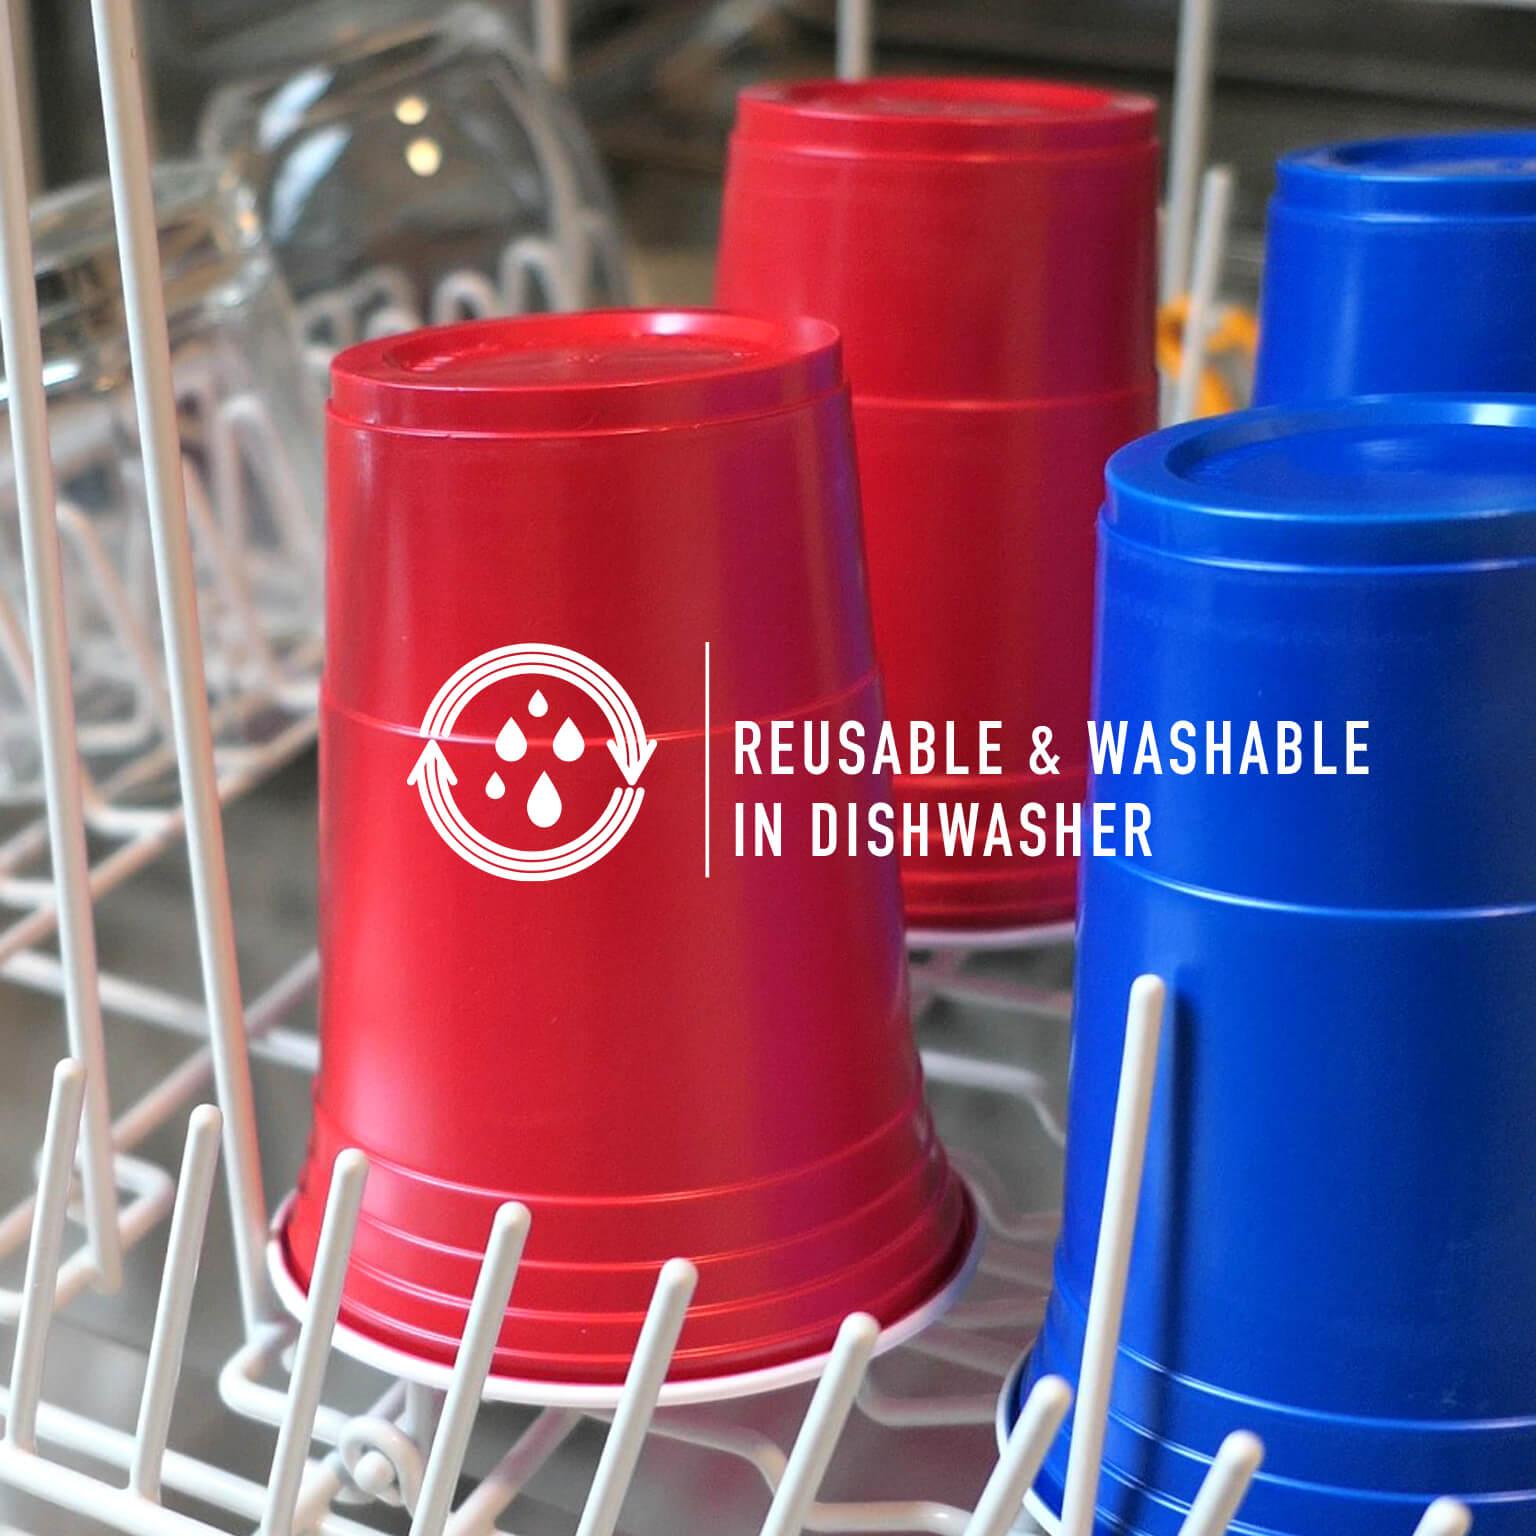 washmachine cups